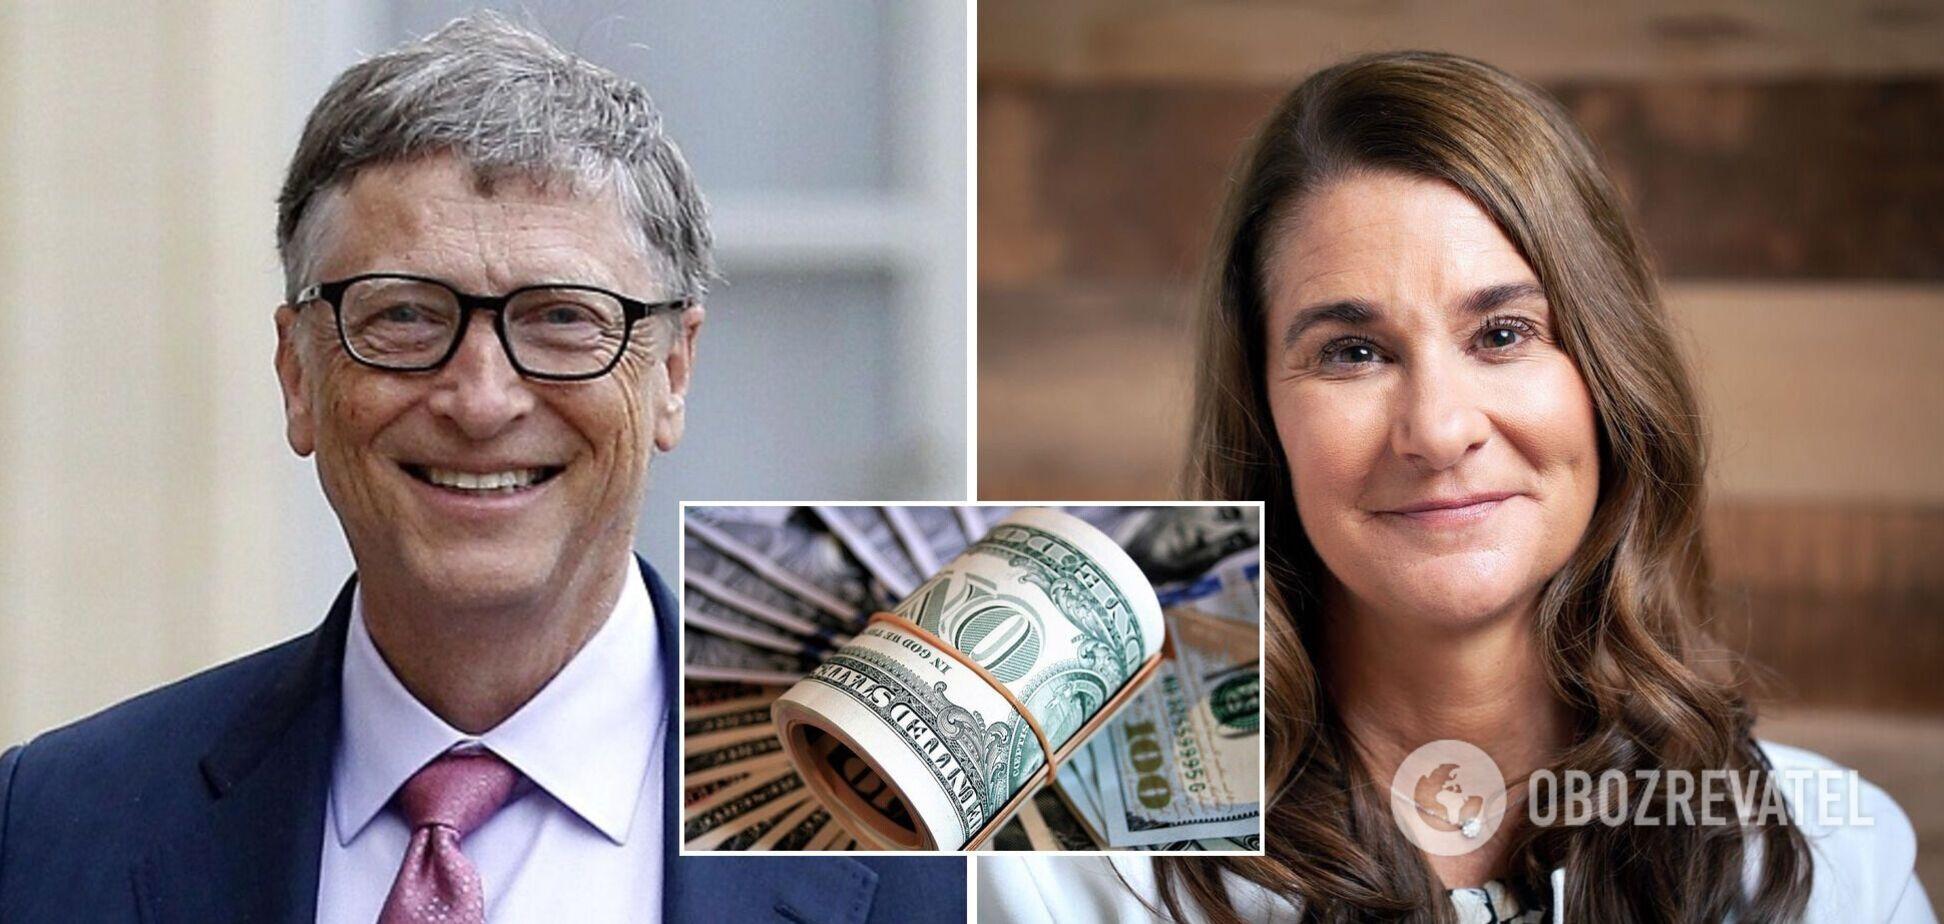 Дружина Білла Гейтса після розлучення отримала акції на мільярди доларів